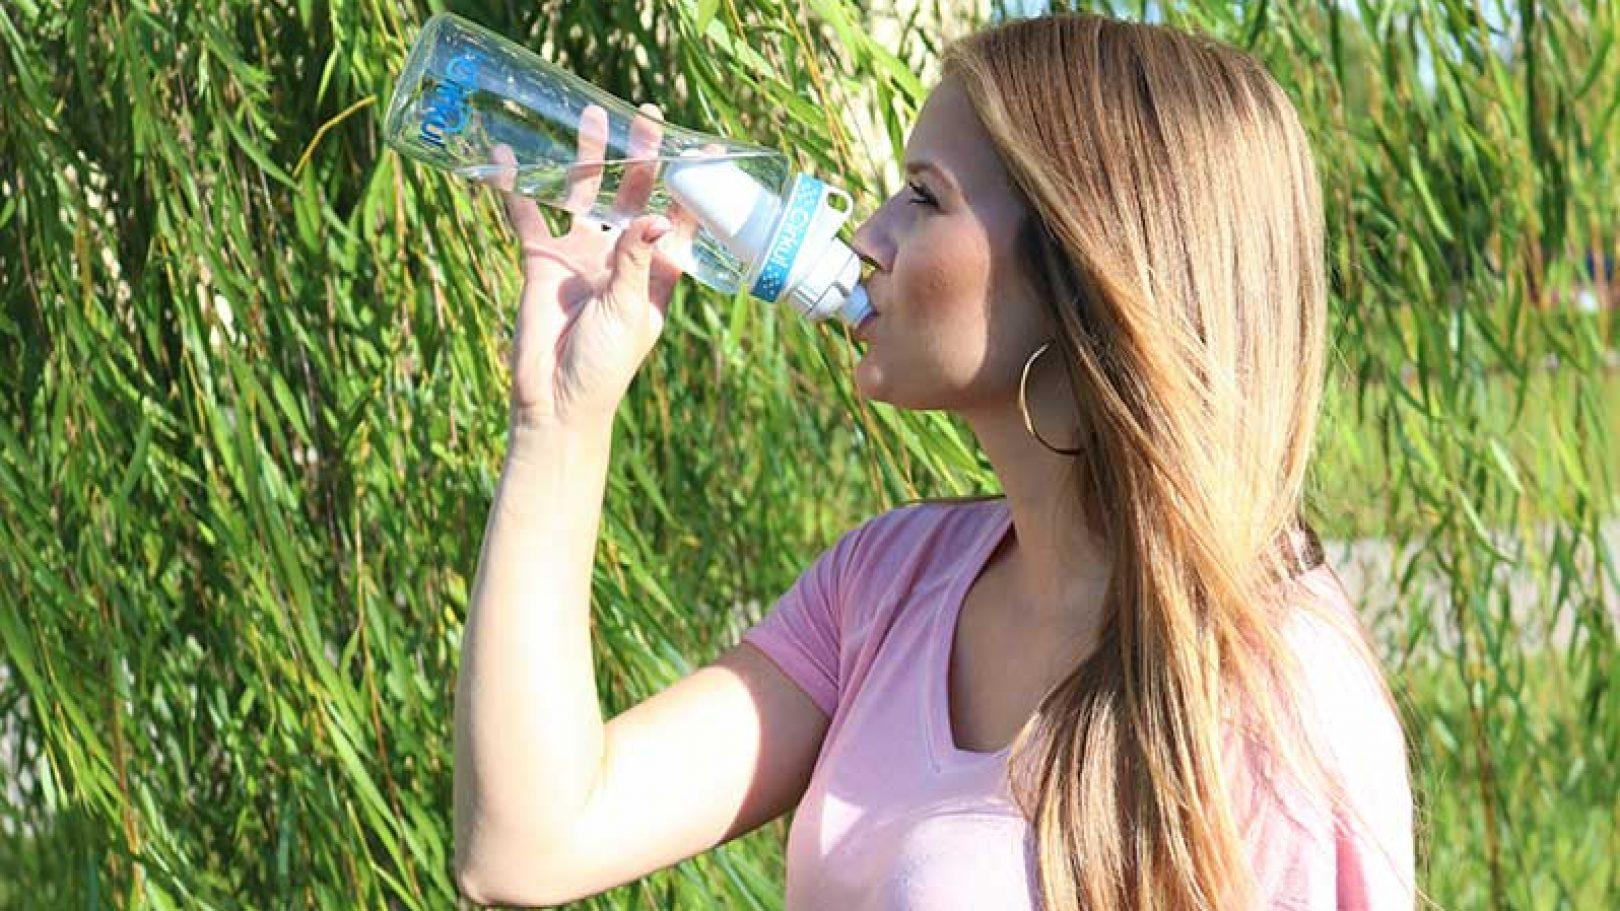 cirkul water bottle tiktok